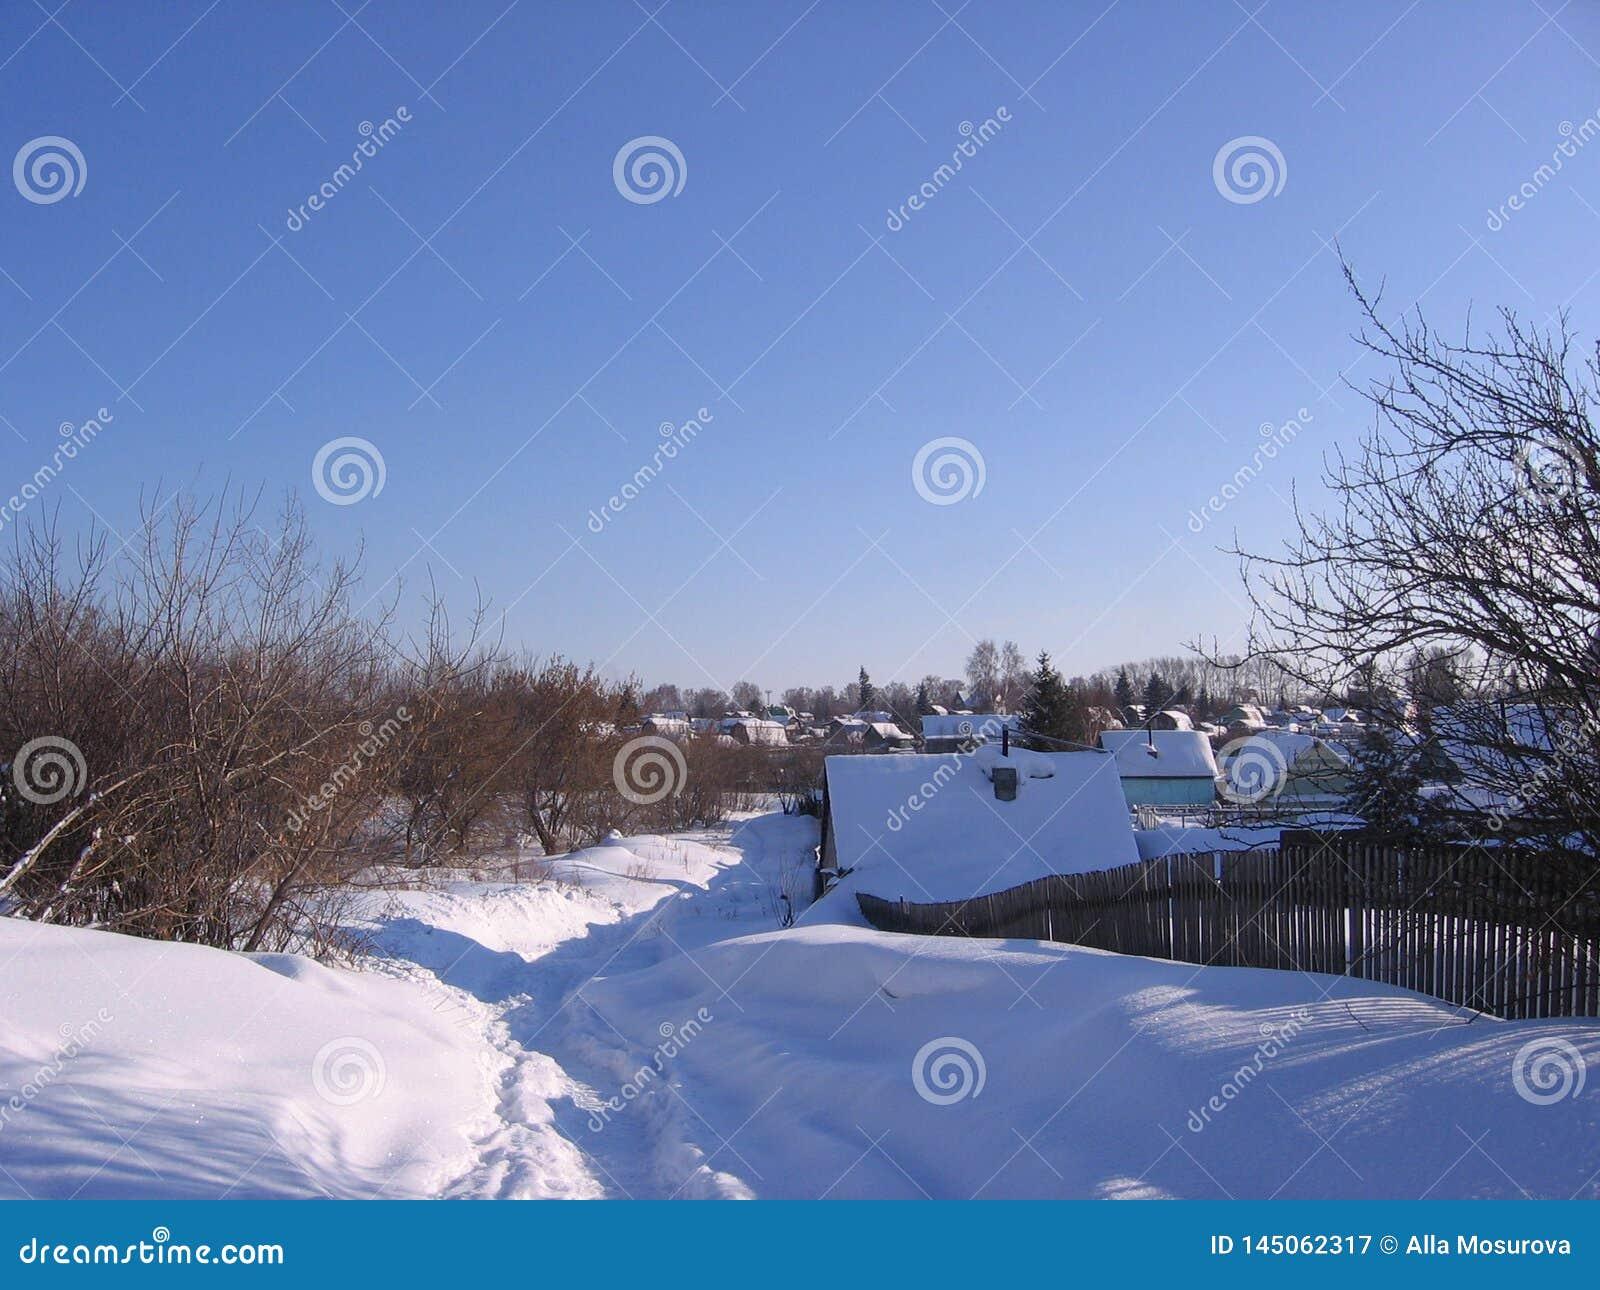 Paesaggio di inverno del villaggio russo nel percorso neve-calpestato attraverso le derive un chiaro giorno soleggiato in natura